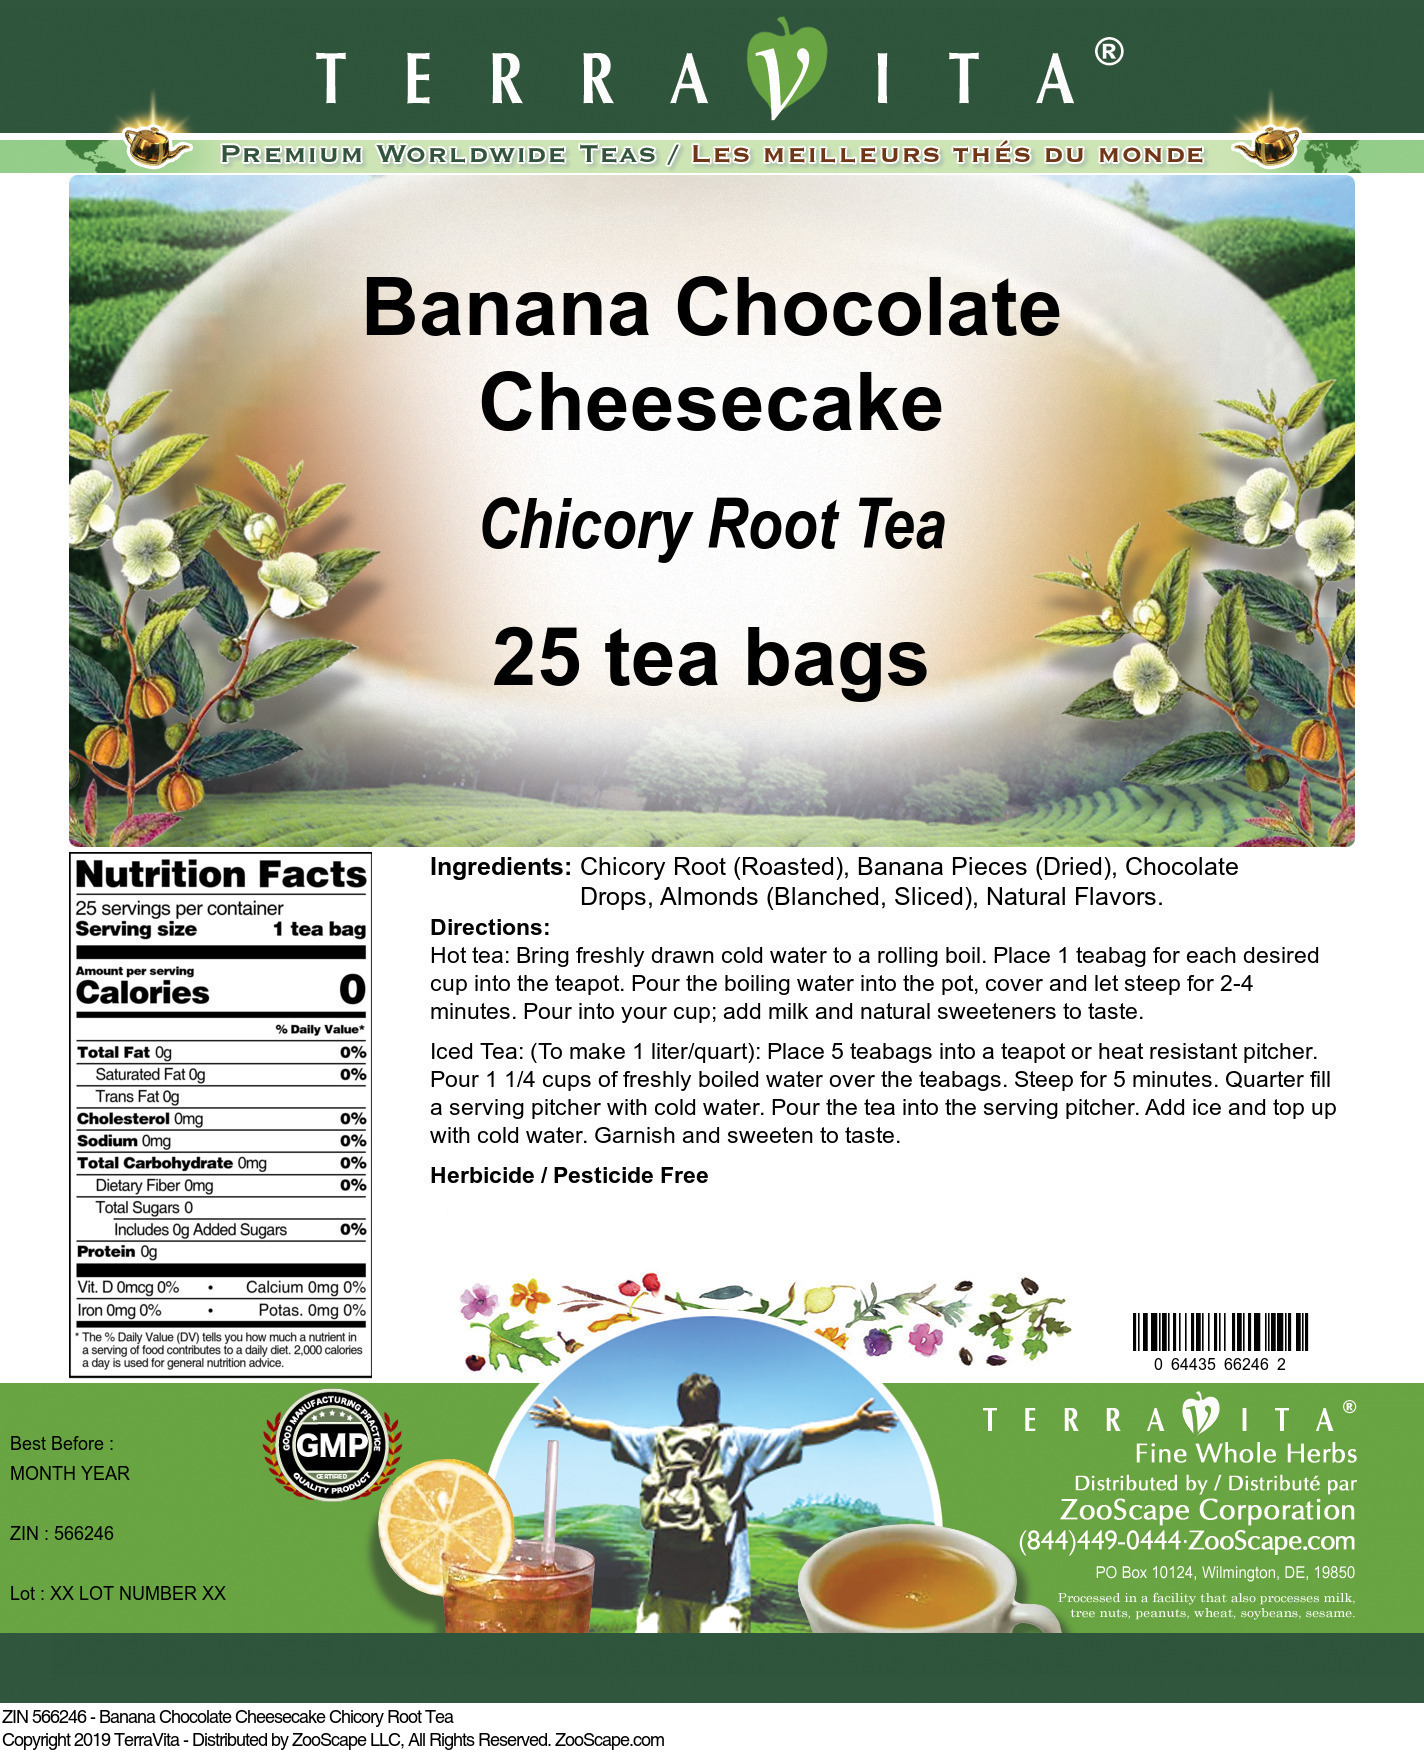 Banana Chocolate Cheesecake Chicory Root Tea